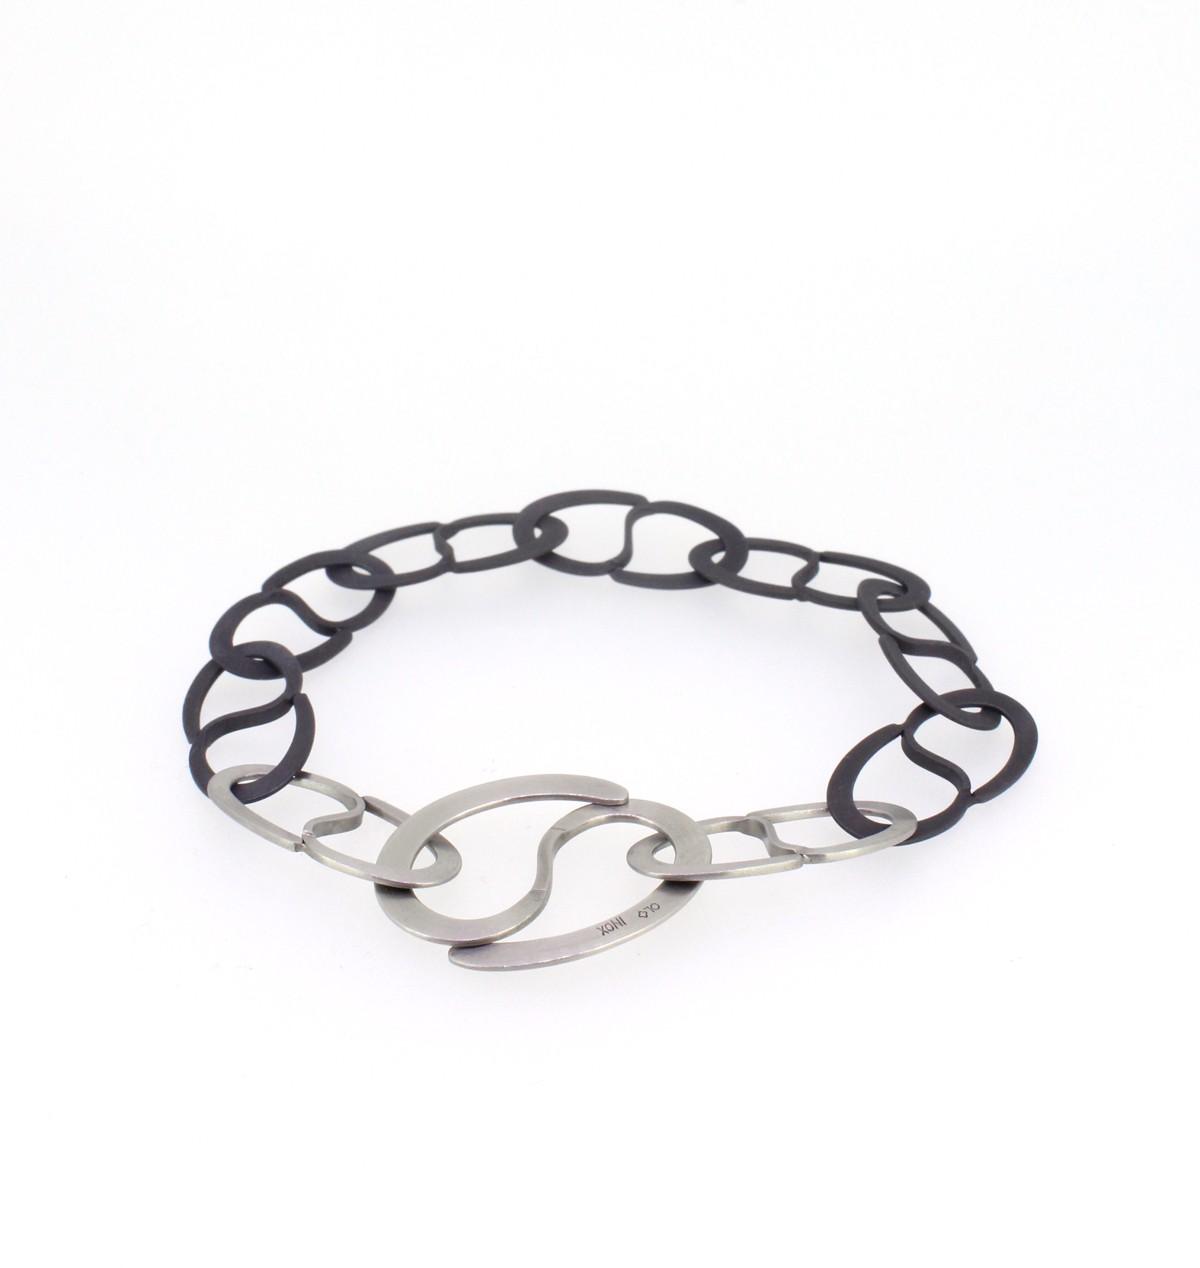 Armband Ösen Stahl schwarz - Oliver Schmidt - 710